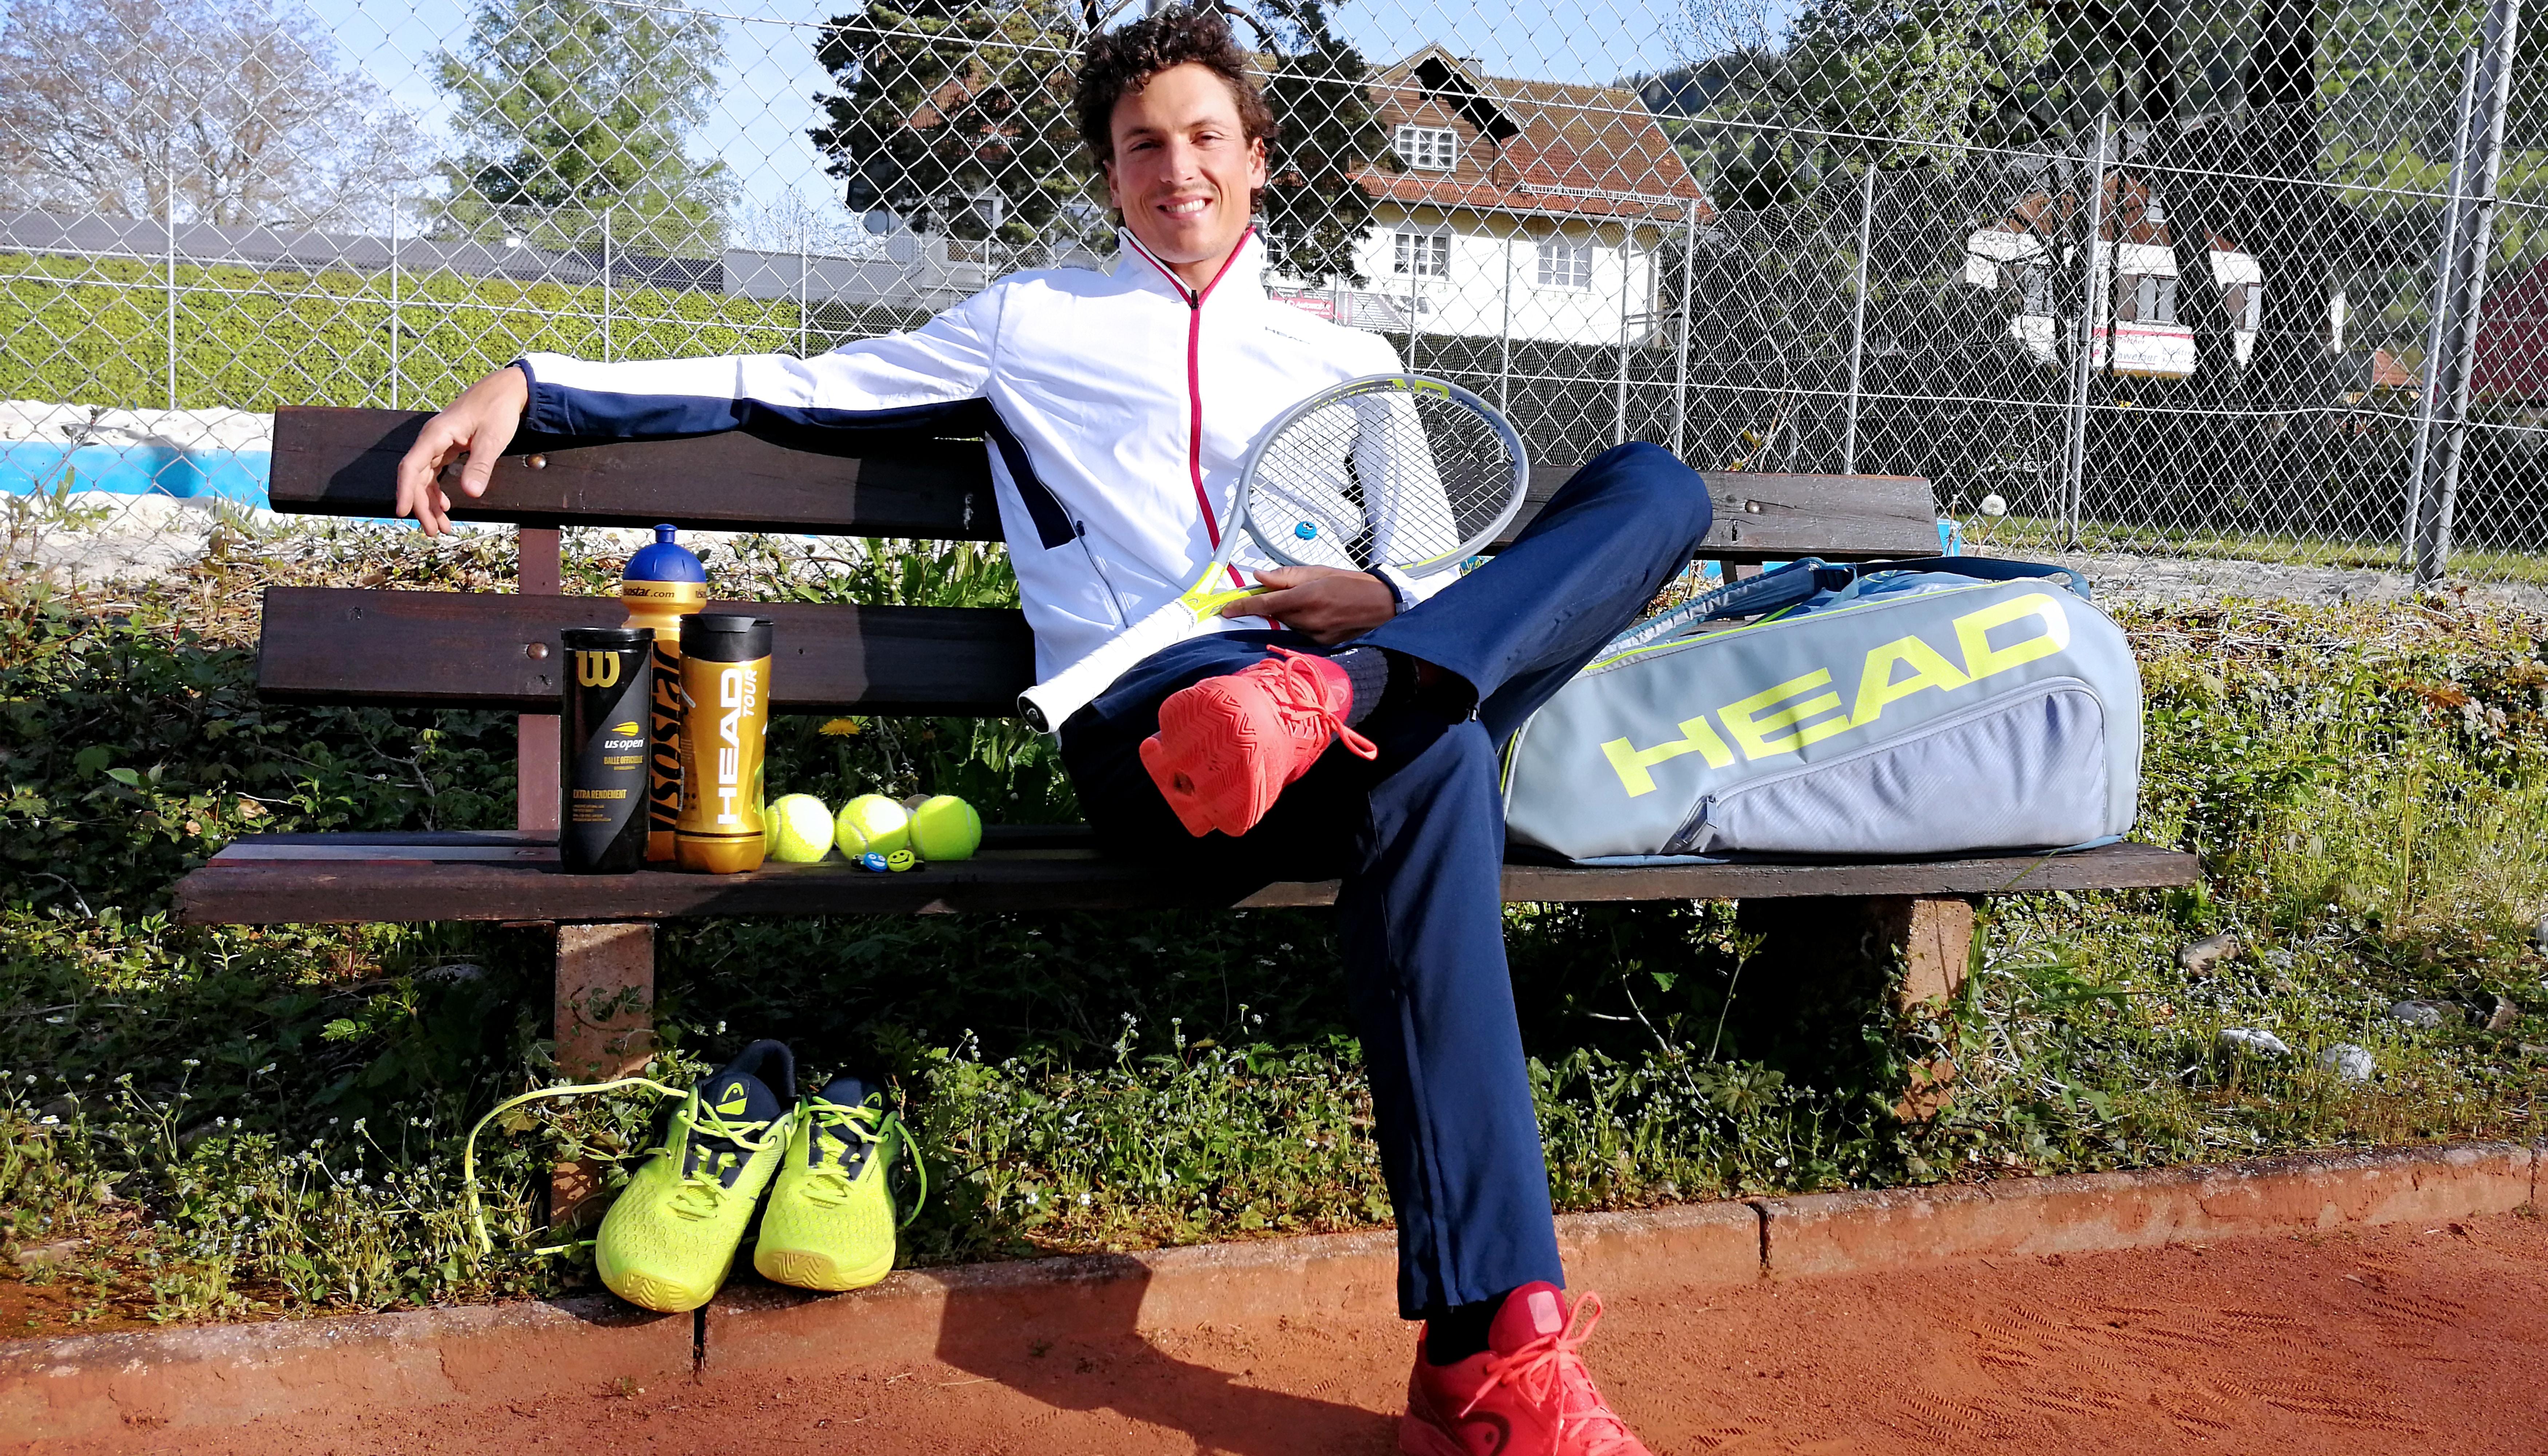 Tennis Zubehör City Outlet Blog Dominik Wirlend